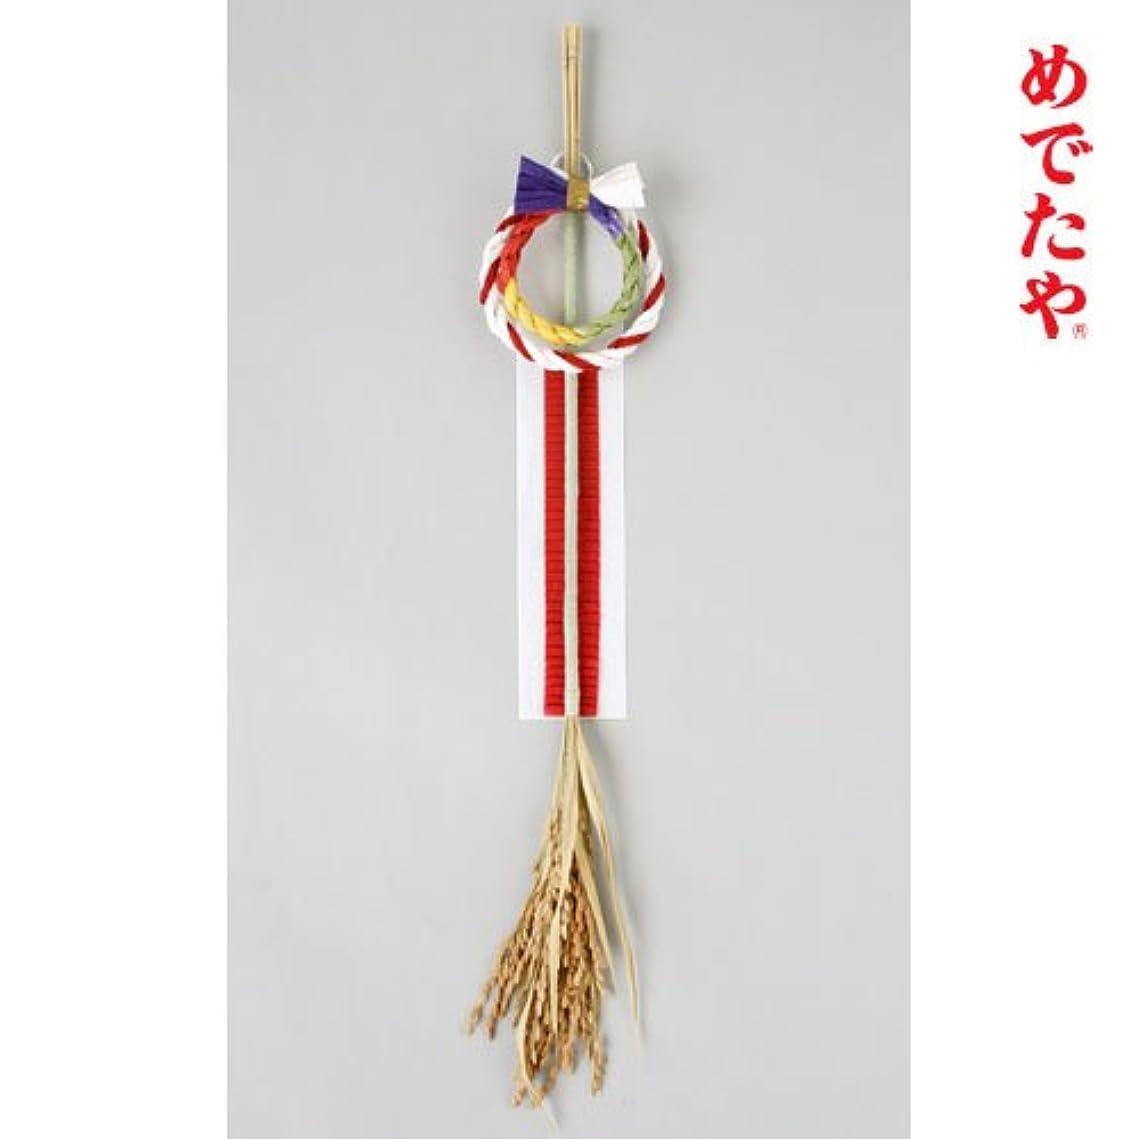 太鼓腹ストレンジャー道正月飾り いなほ飾り 五色 めでたや New Year's decoration